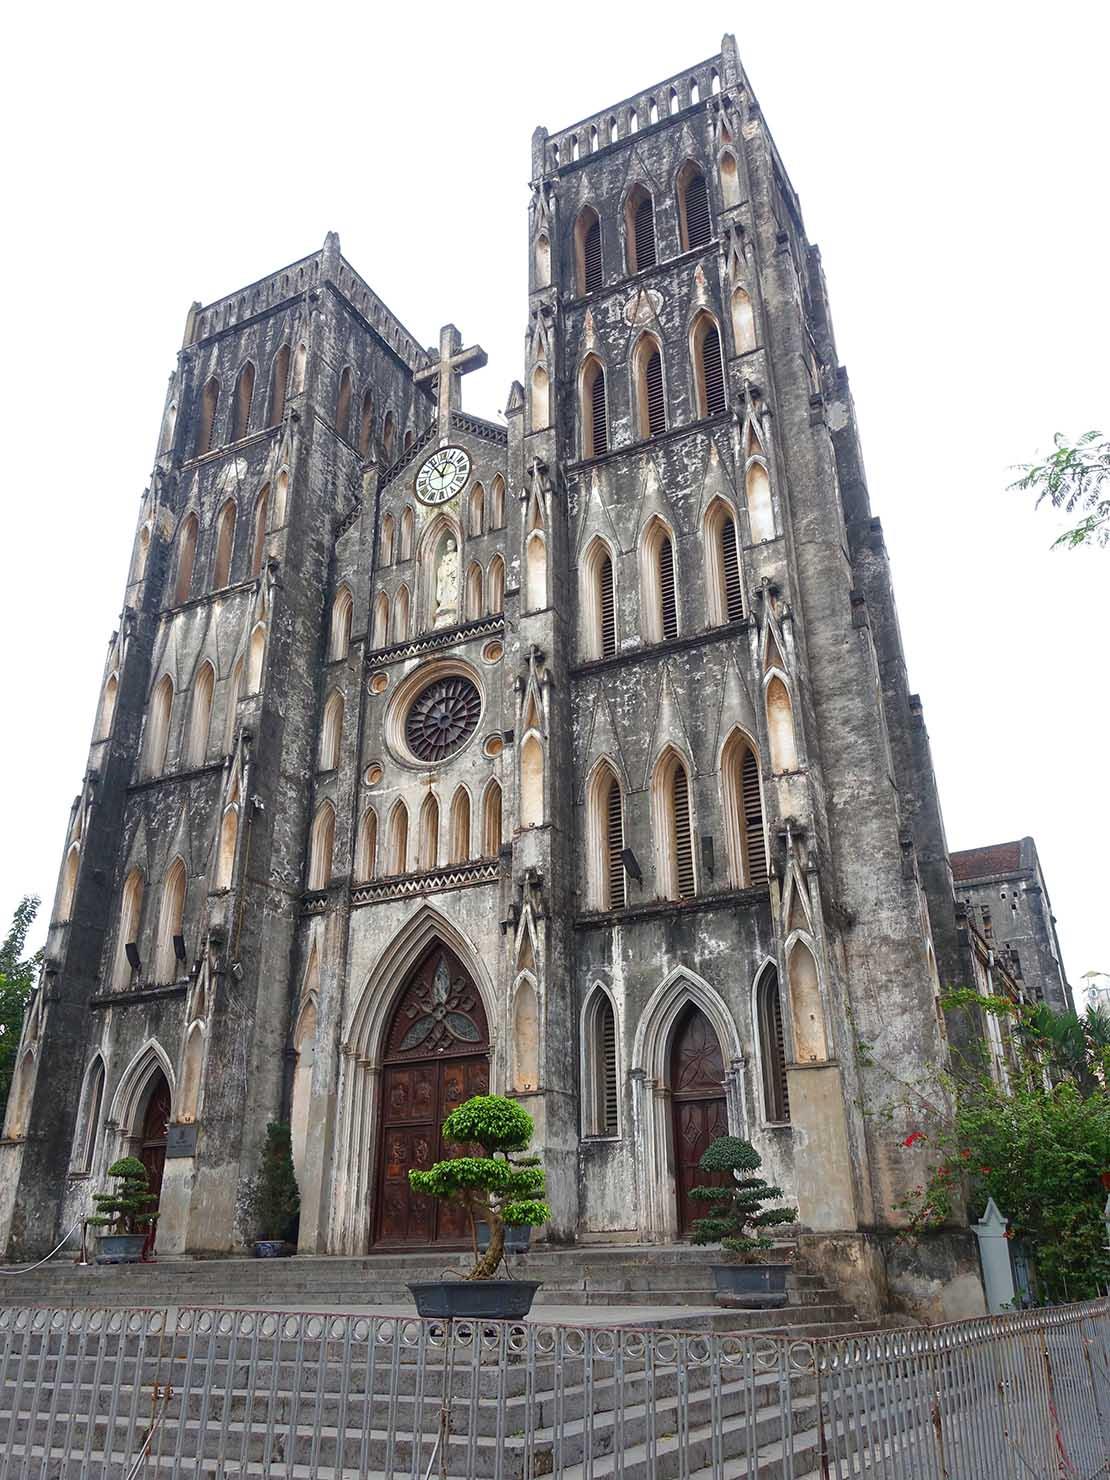 ベトナム・ハノイ旧市街の観光スポット「ハノイ大教会」の外観